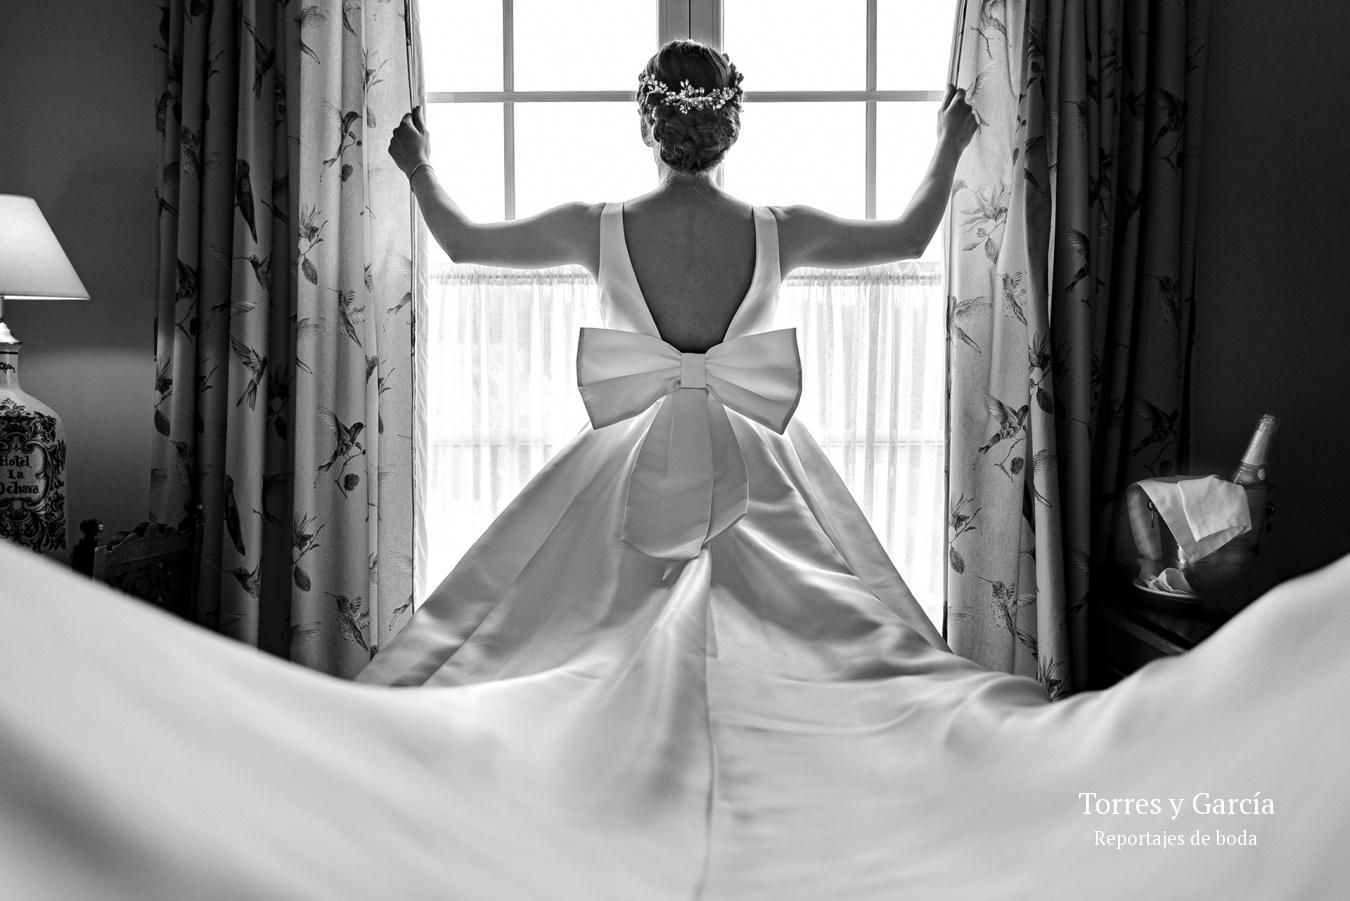 detalle del vestido de novia - Fotografías - Libros y reportajes de boda diferentes.